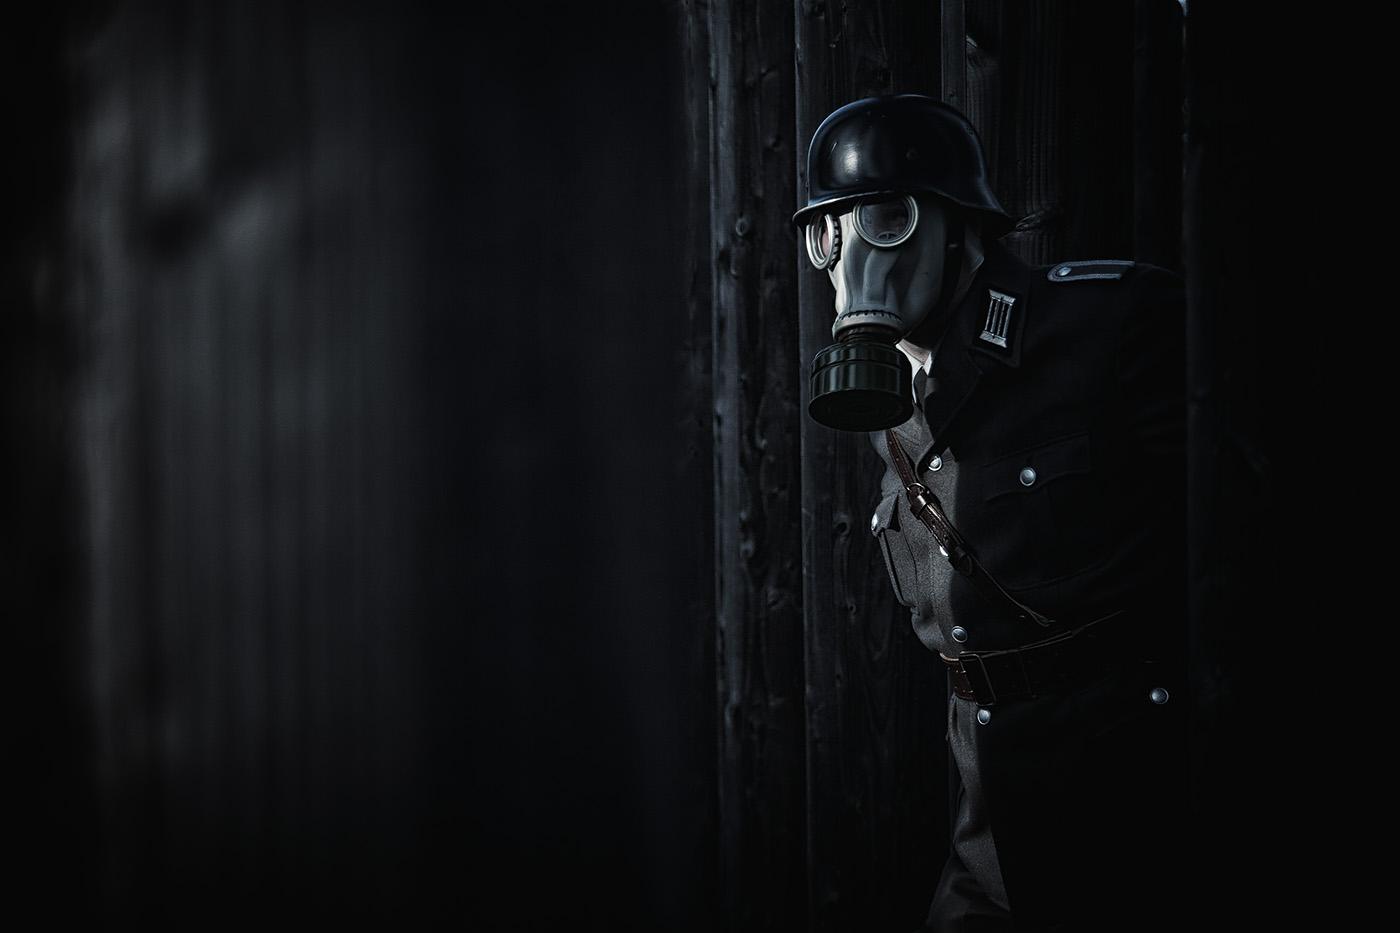 Mann mit Gasmaske in Uniform